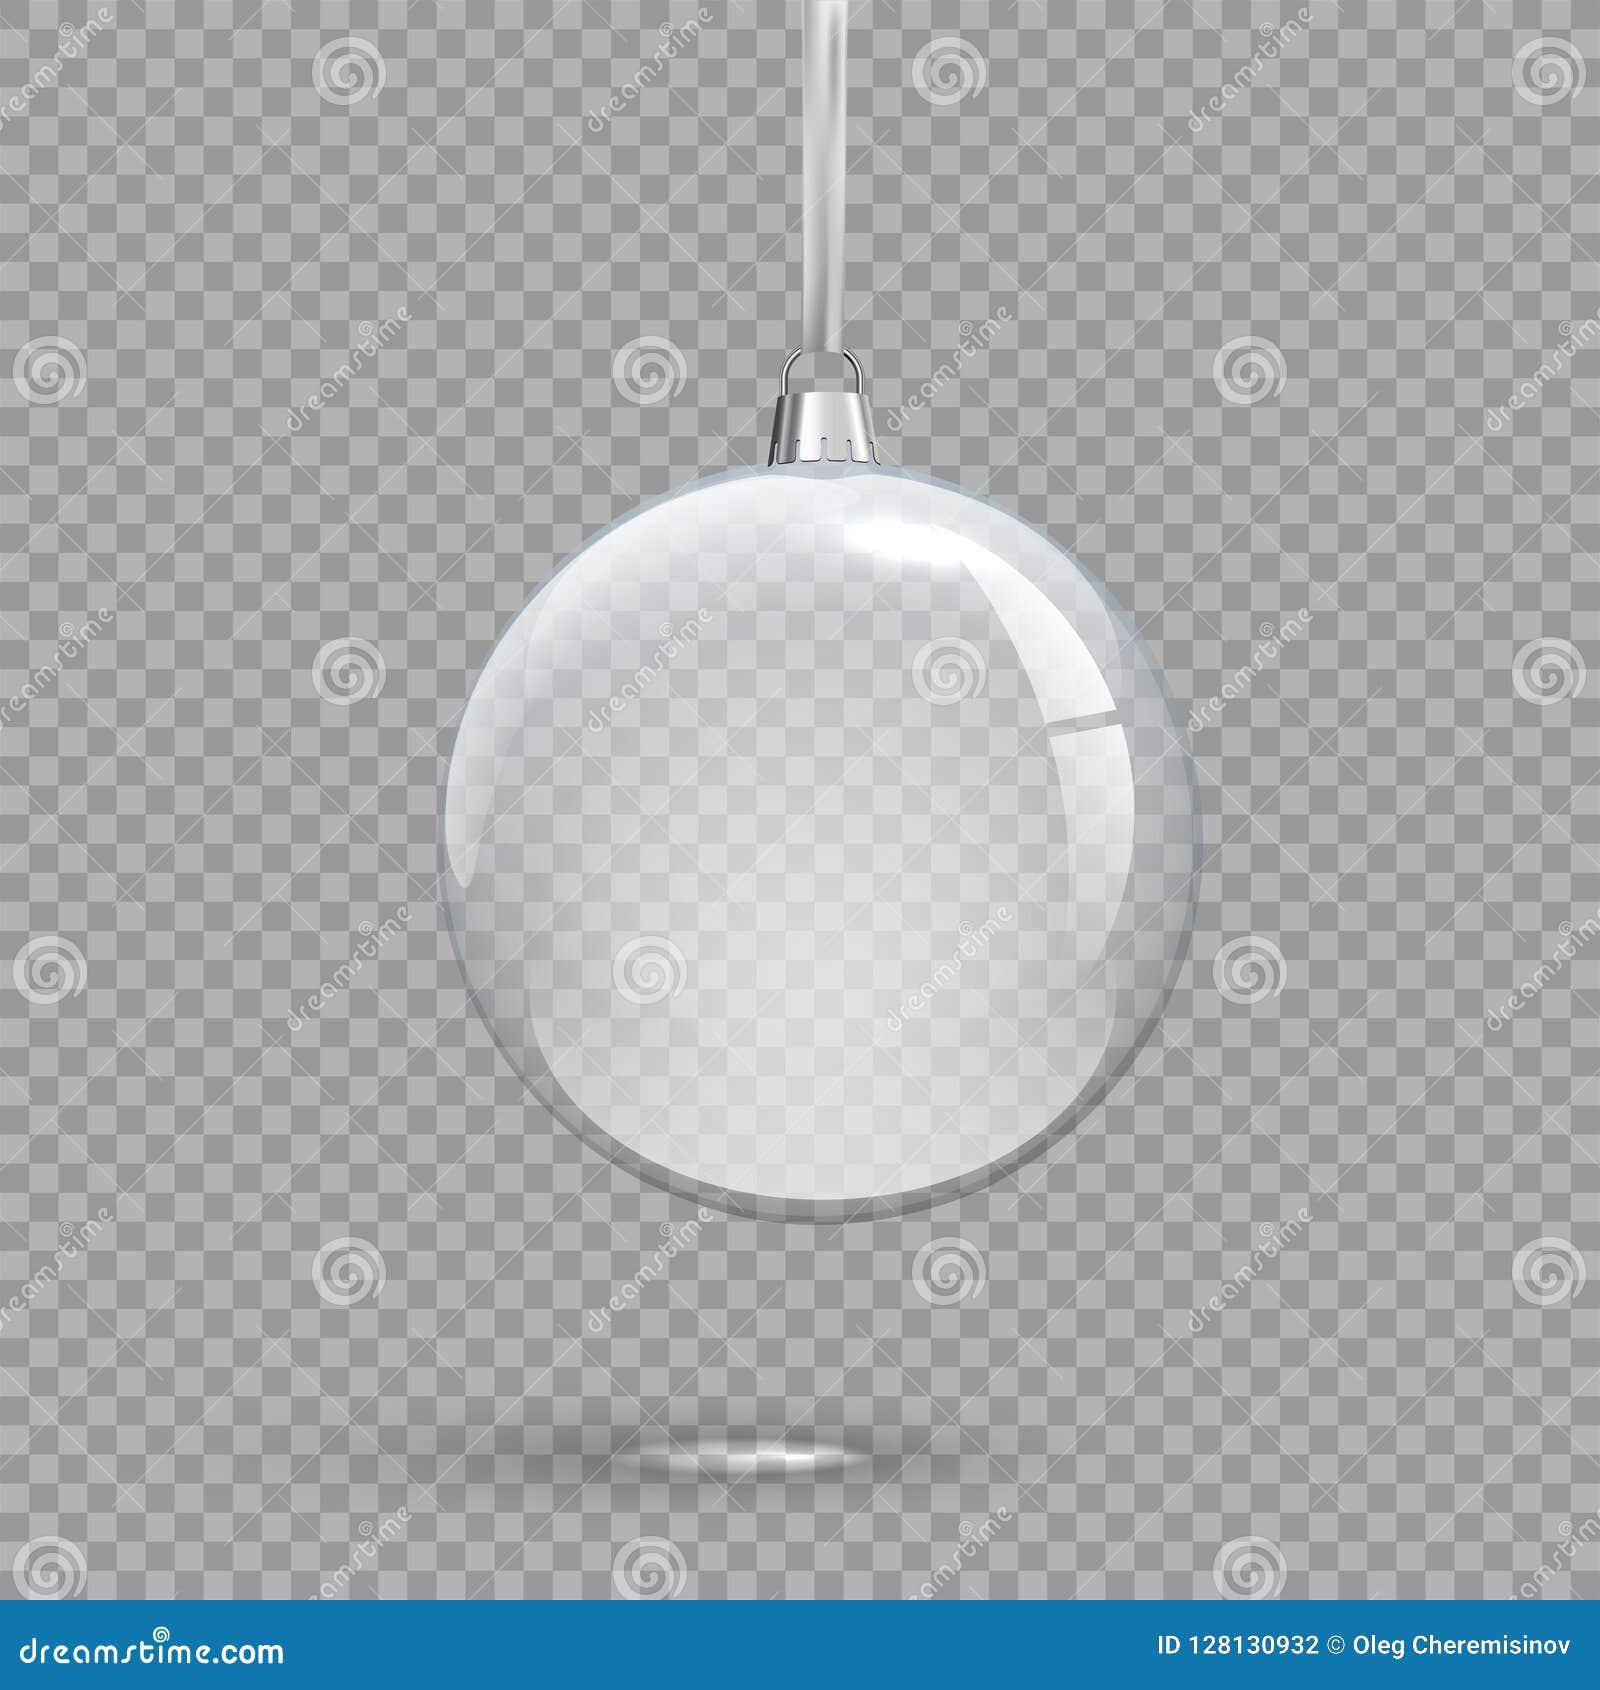 Διαφανής σφαίρα Χριστουγέννων που απομονώνεται στο διαφανές υπόβαθρο Διανυσματικό στοιχείο σχεδίου διακοπών